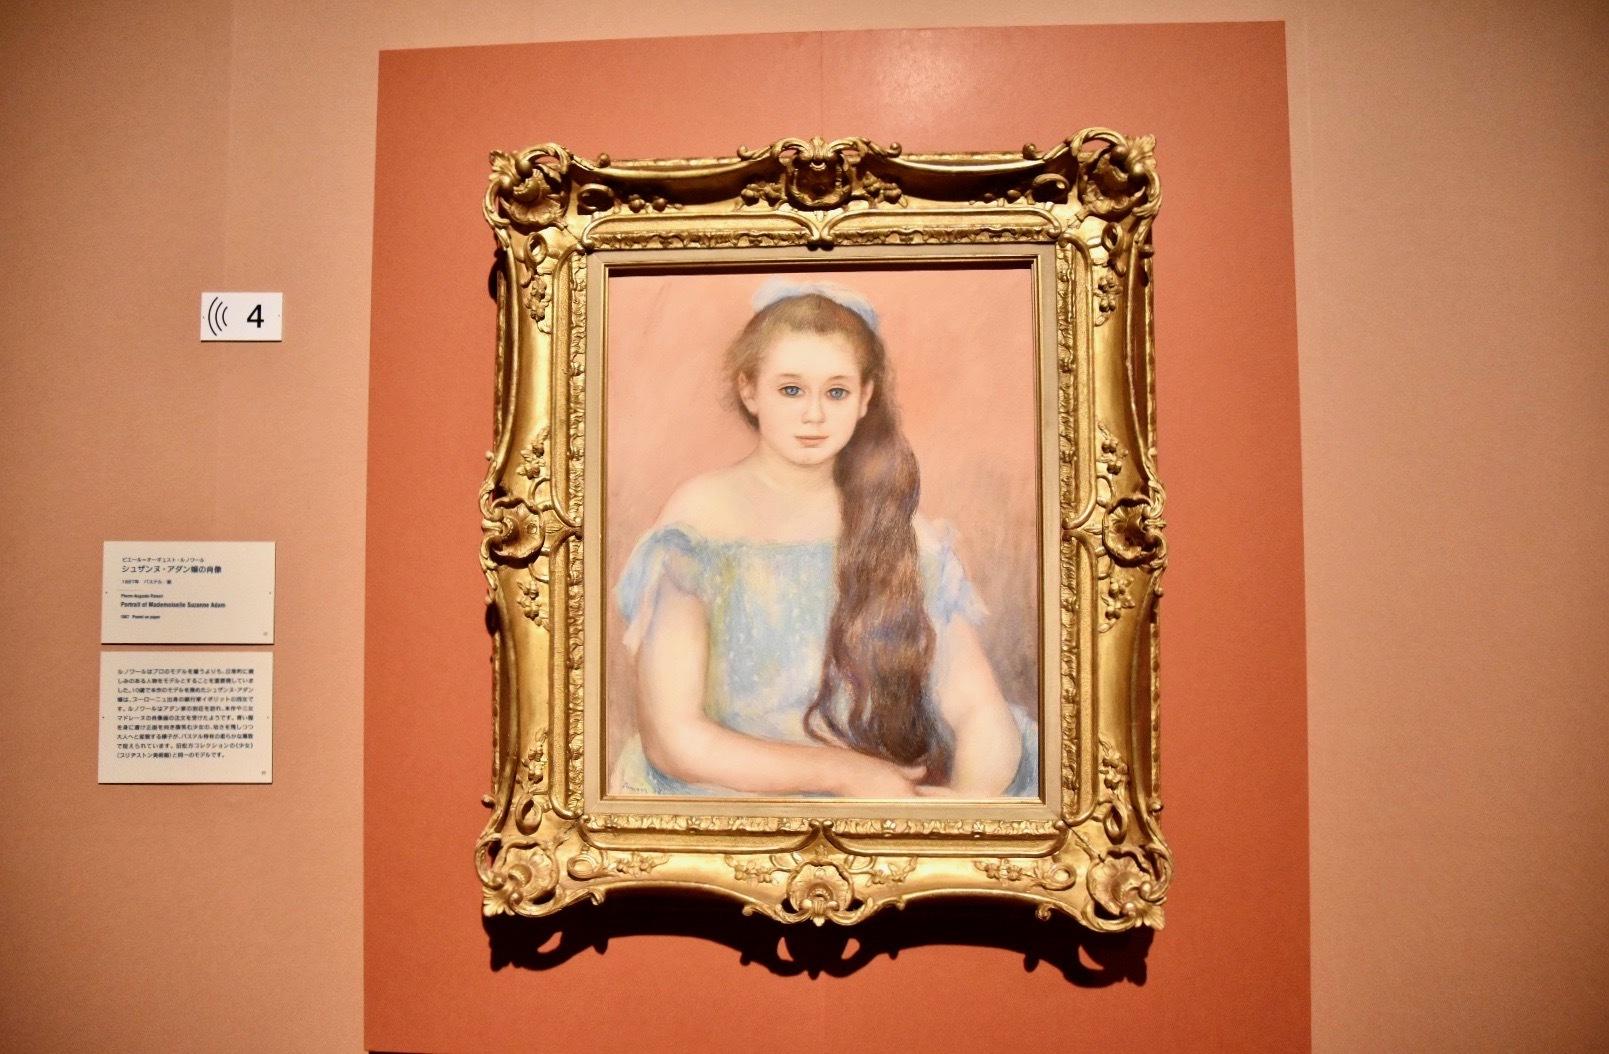 ピエール=オーギュスト・ルノワール 《シュザンヌ・アダン嬢の肖像》 1887年 吉野石膏コレクション